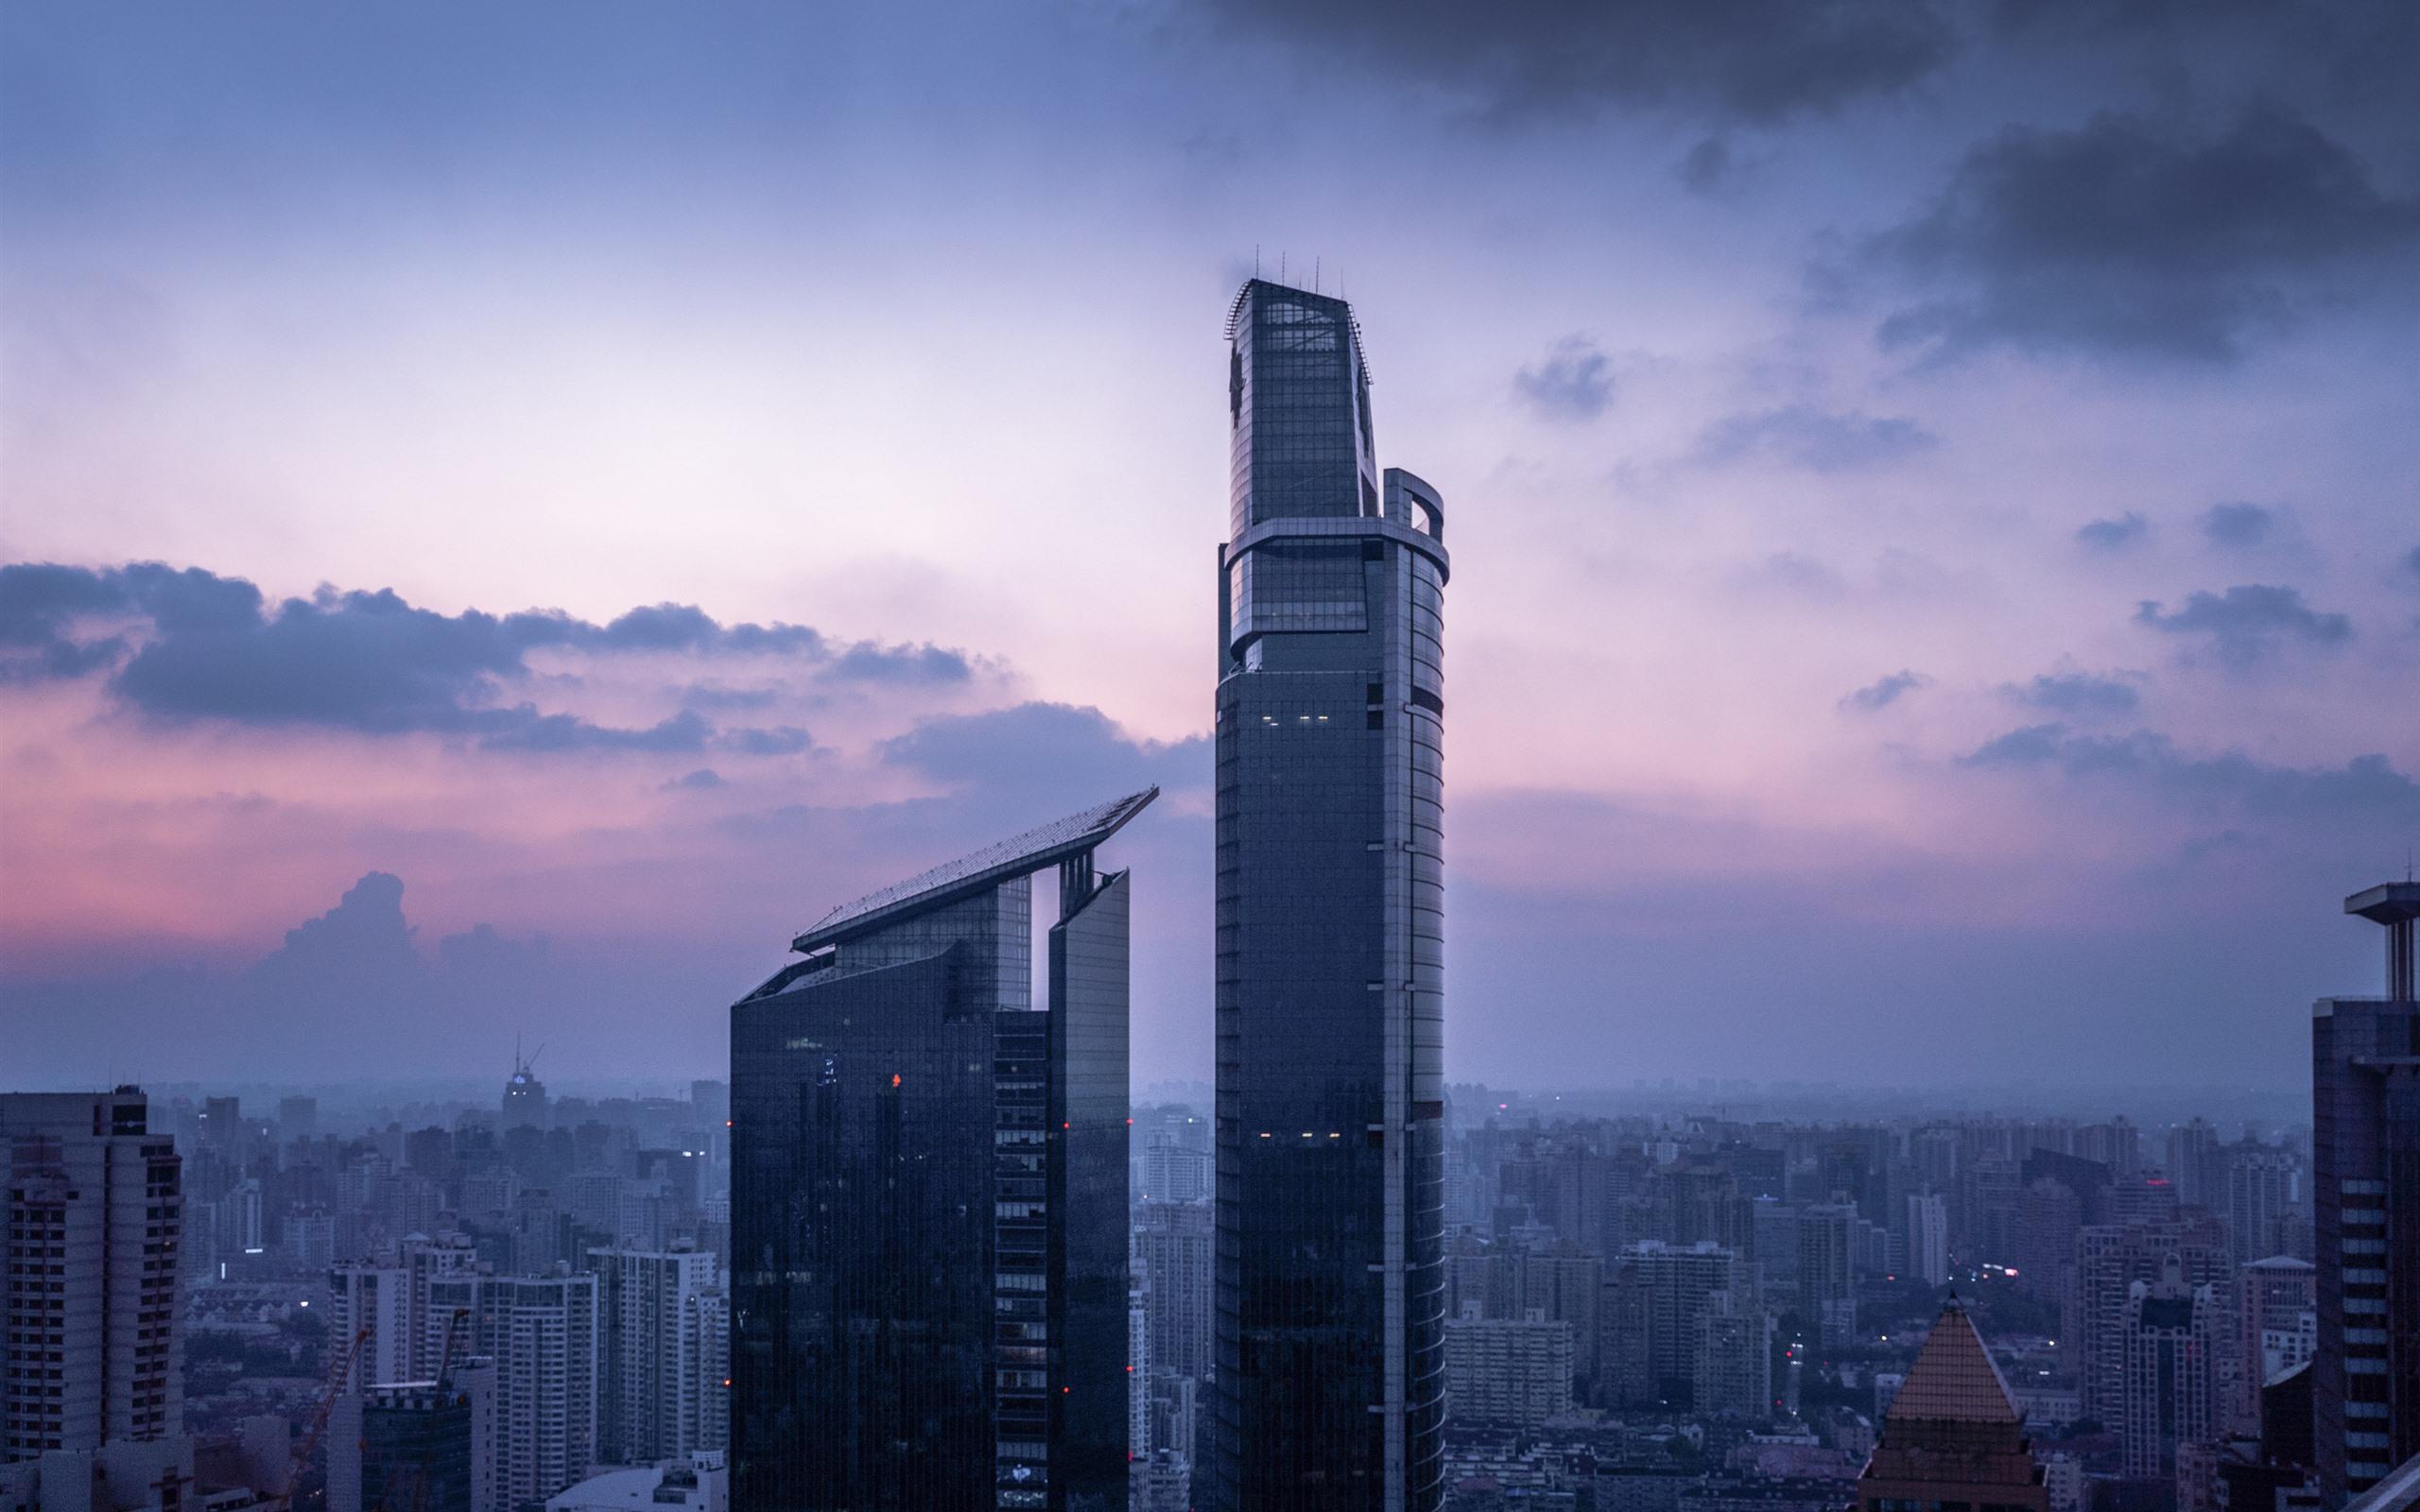 Обои обои, Облака, здания, городской пейзаж. Города foto 14